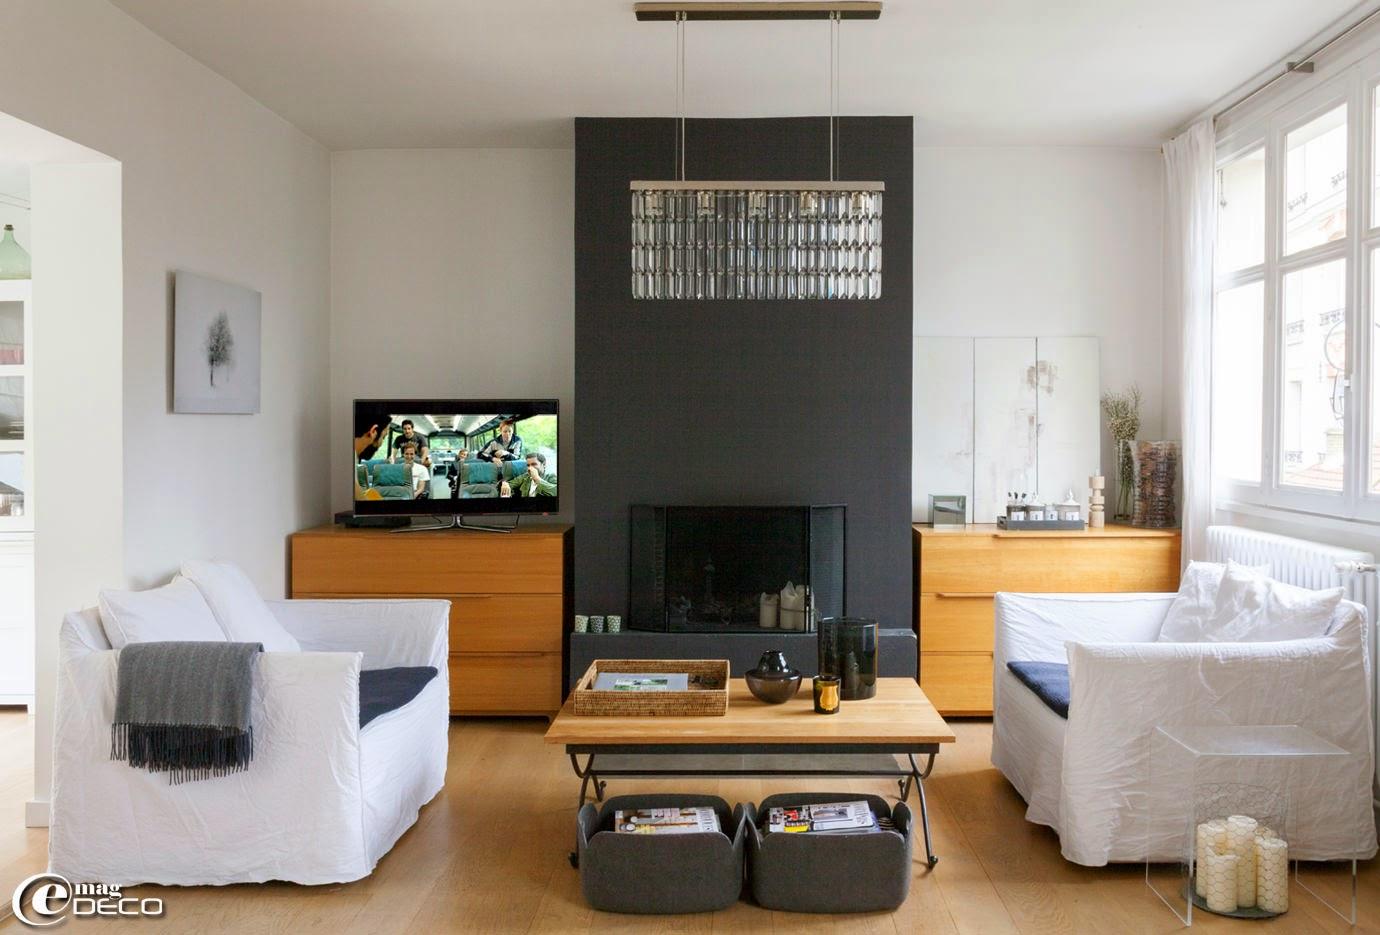 Dans le salon d'une architecte d'intérieur, des canapés 'Ghost' designés par Paola Navone pour 'Gervasoni', plaid en cashmere 'Zoeppritz', table basse en plexiglas 'HABITAT'